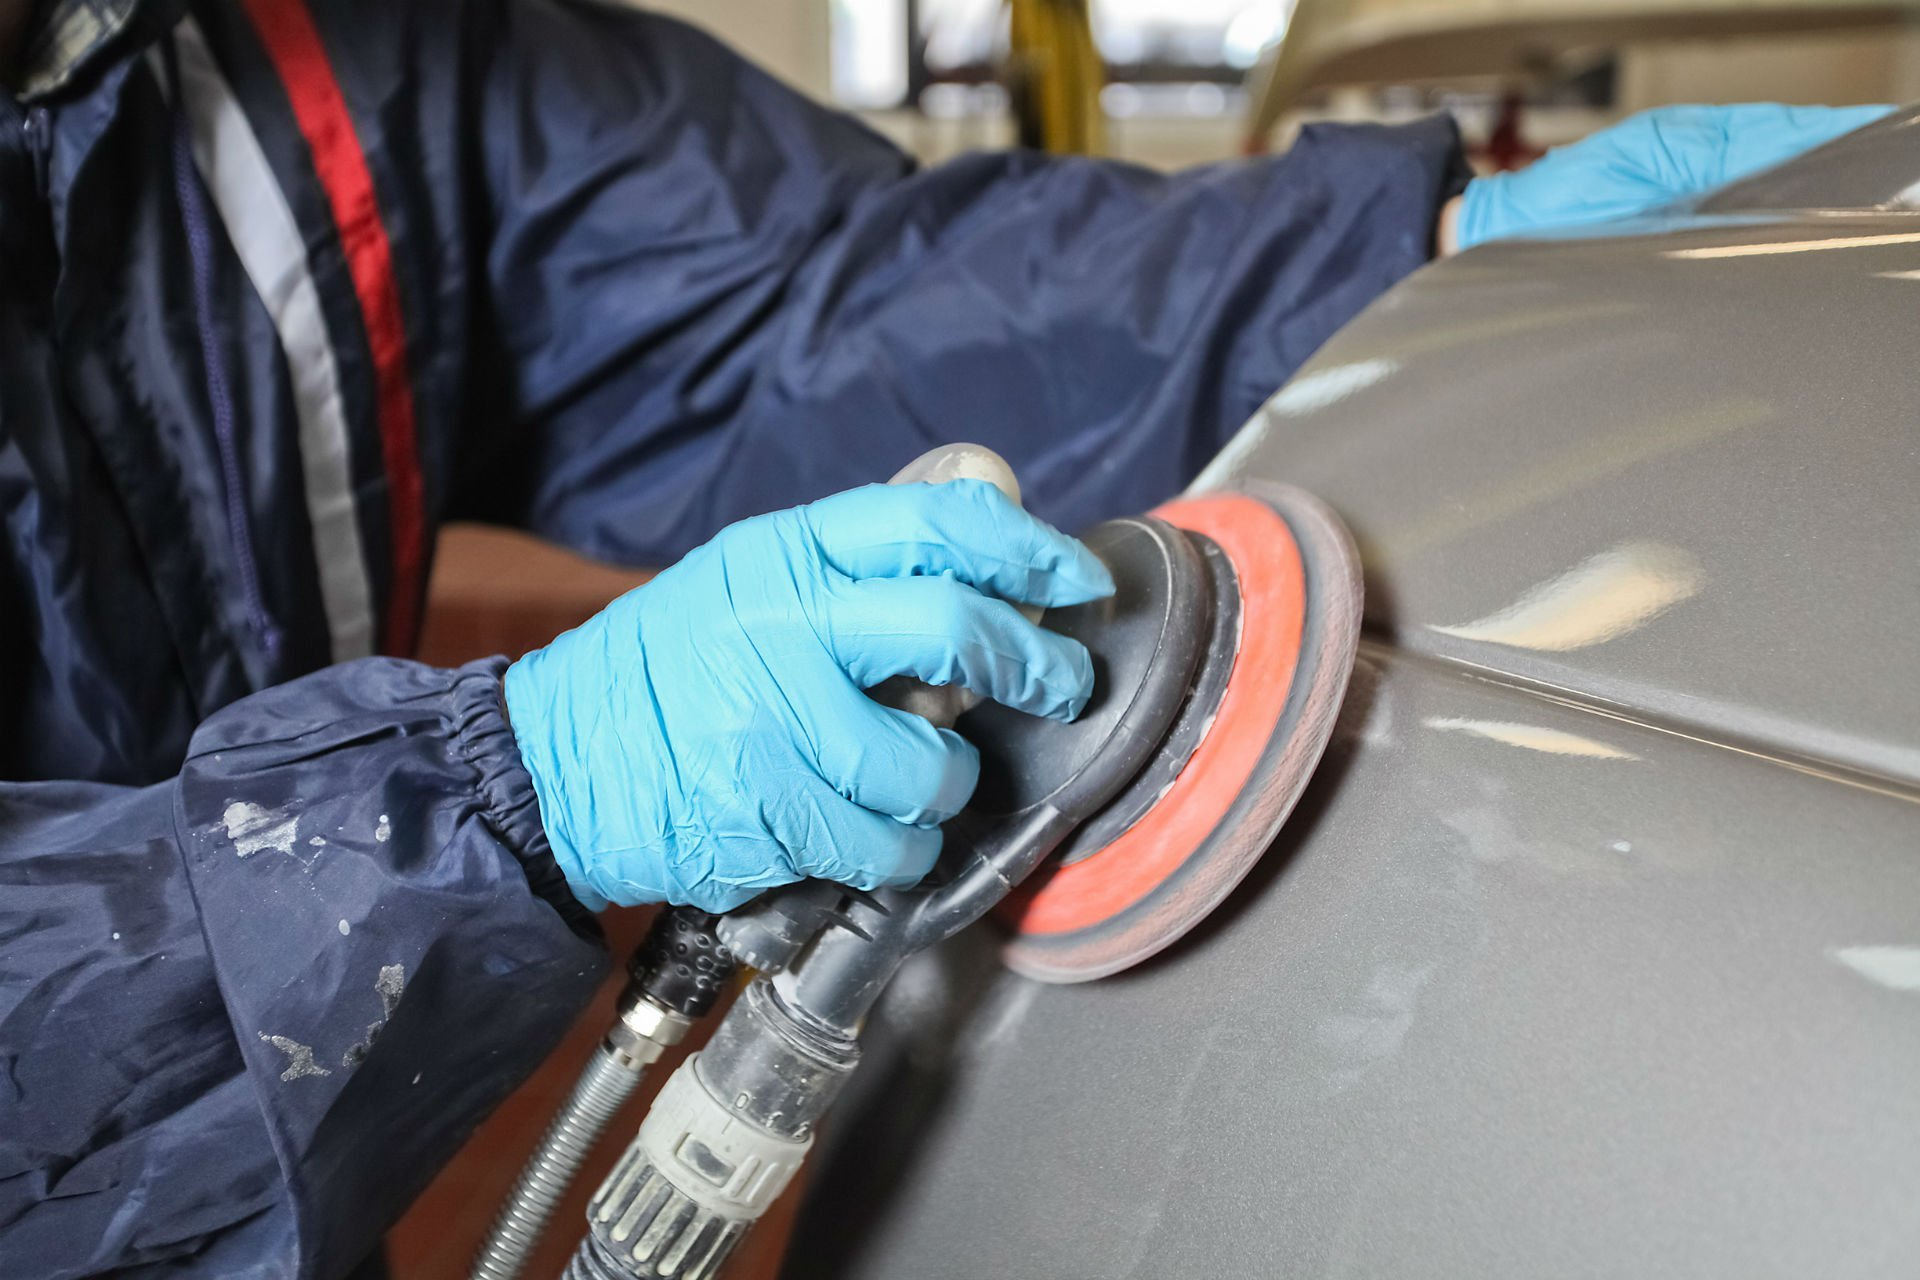 una mano con una lucidatrice appoggiata sulla carrozzeria di una macchina